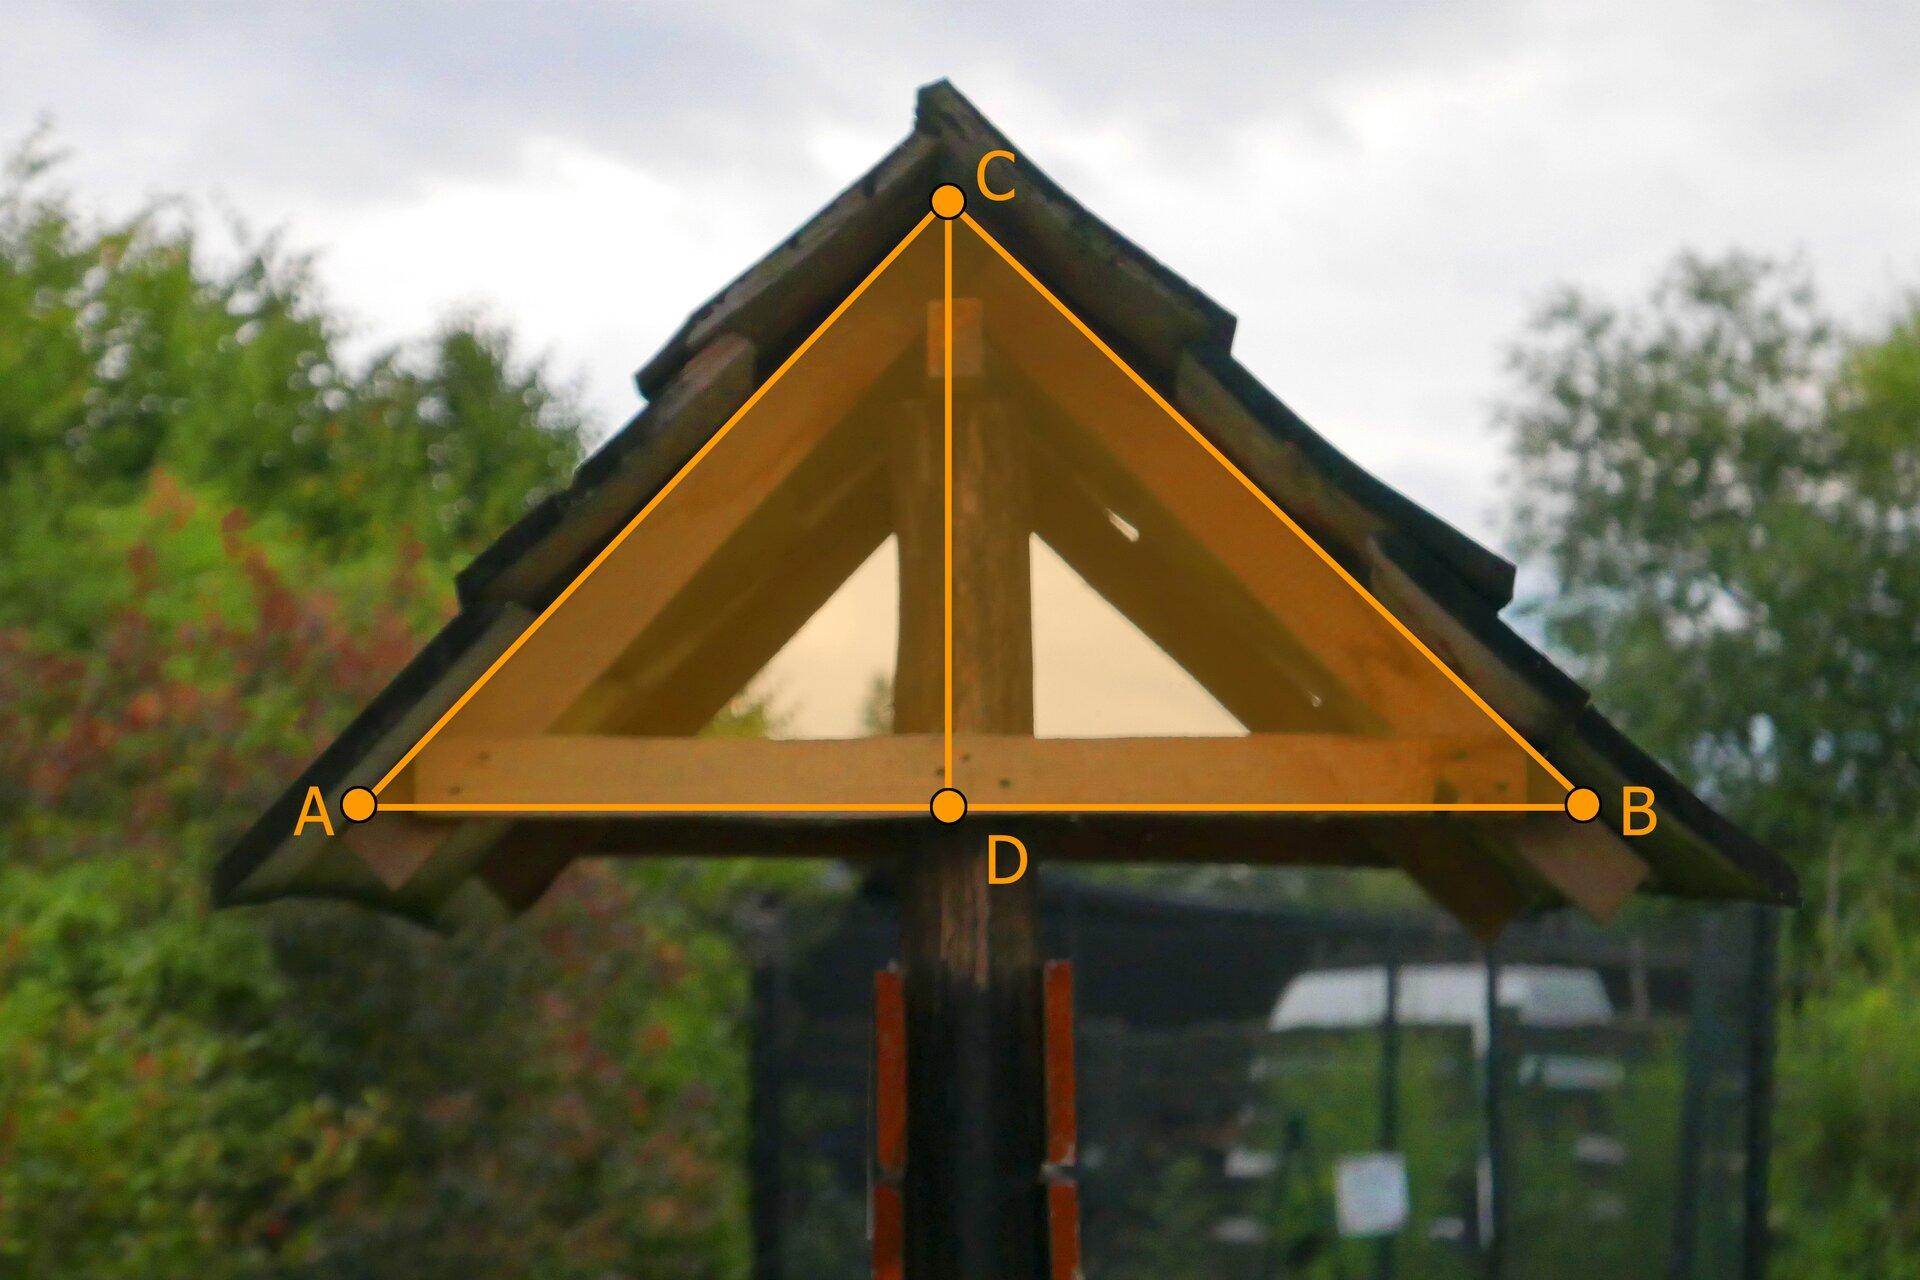 Rysunek przodu domku letniskowego okształcie trójkąta równoramiennego ABC. Wysokość CD opuszczona jest na bok AB.